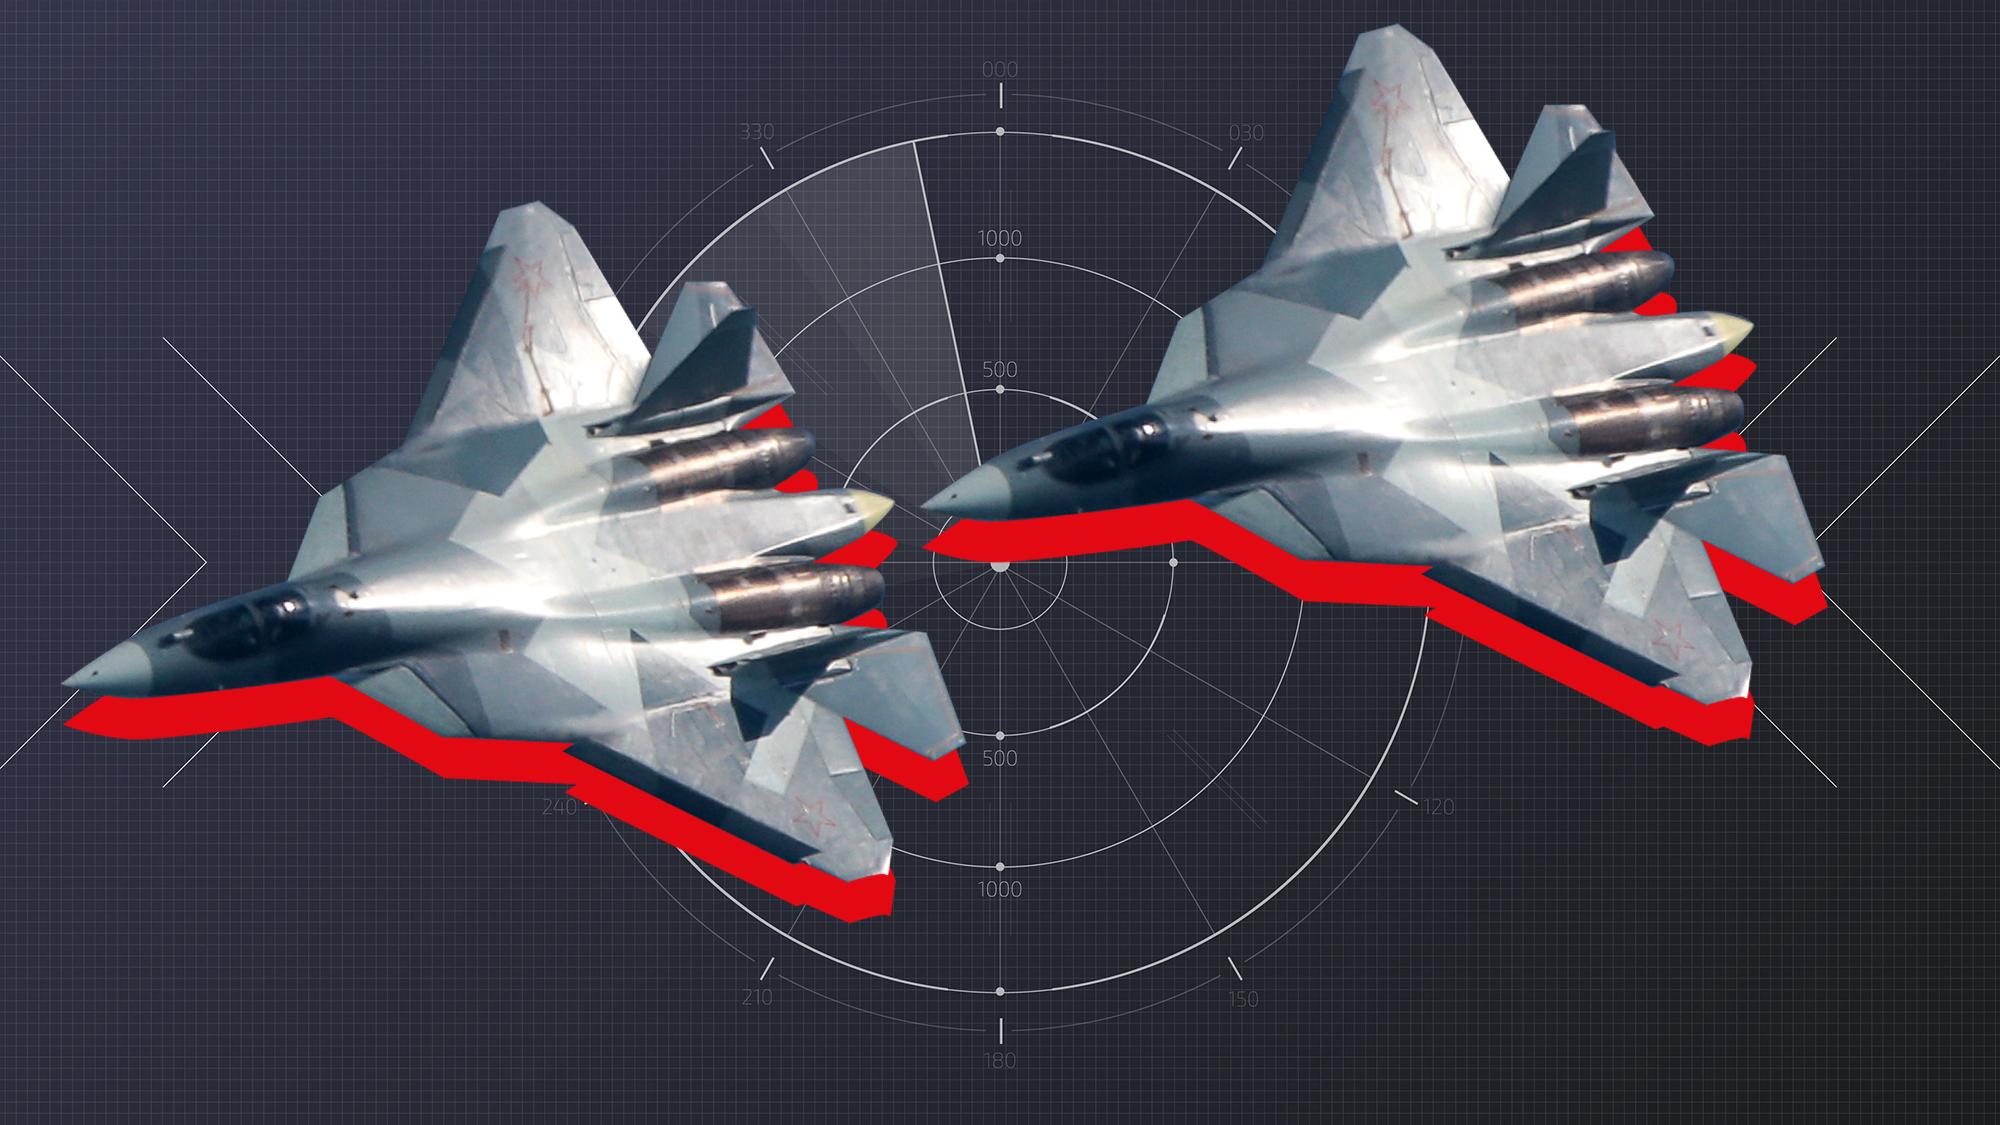 Гиперзвуковой 'топор': зачем Су-57 хотят вооружить ракетами 'Гремлин'